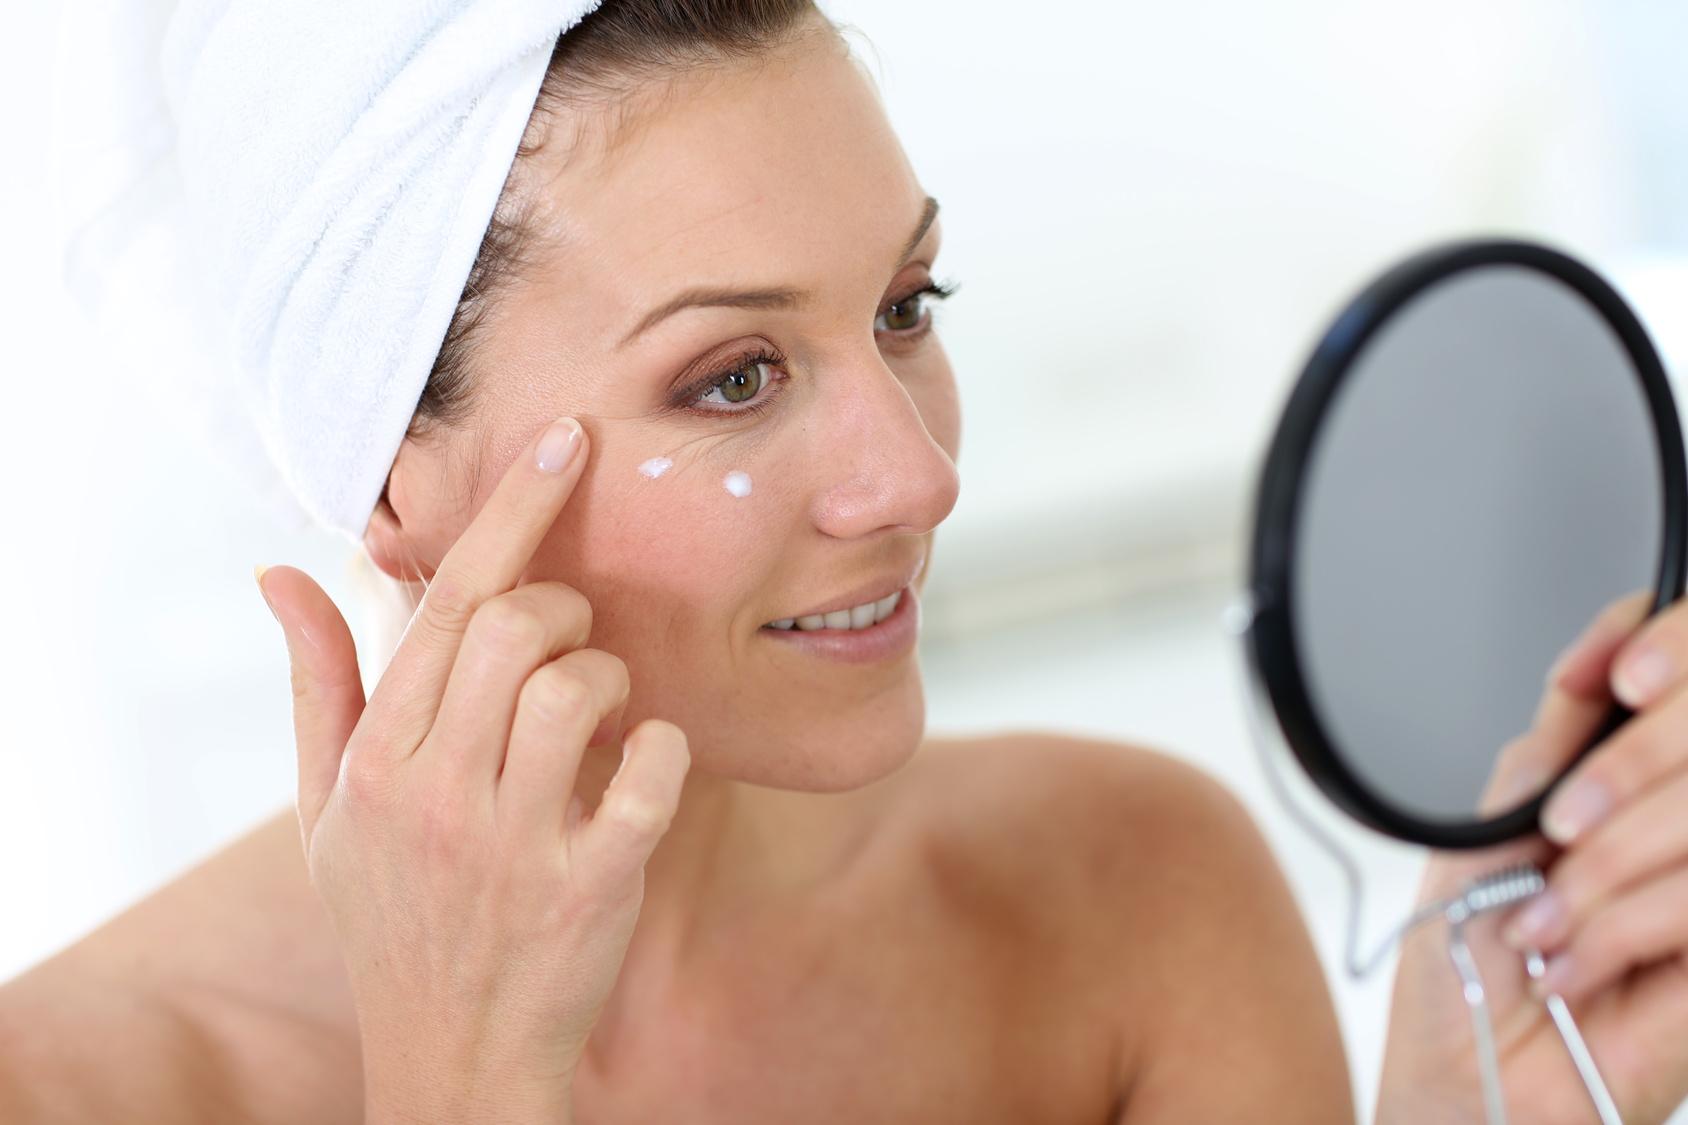 Ringiovanimento del volto: medicina vs chirurgia